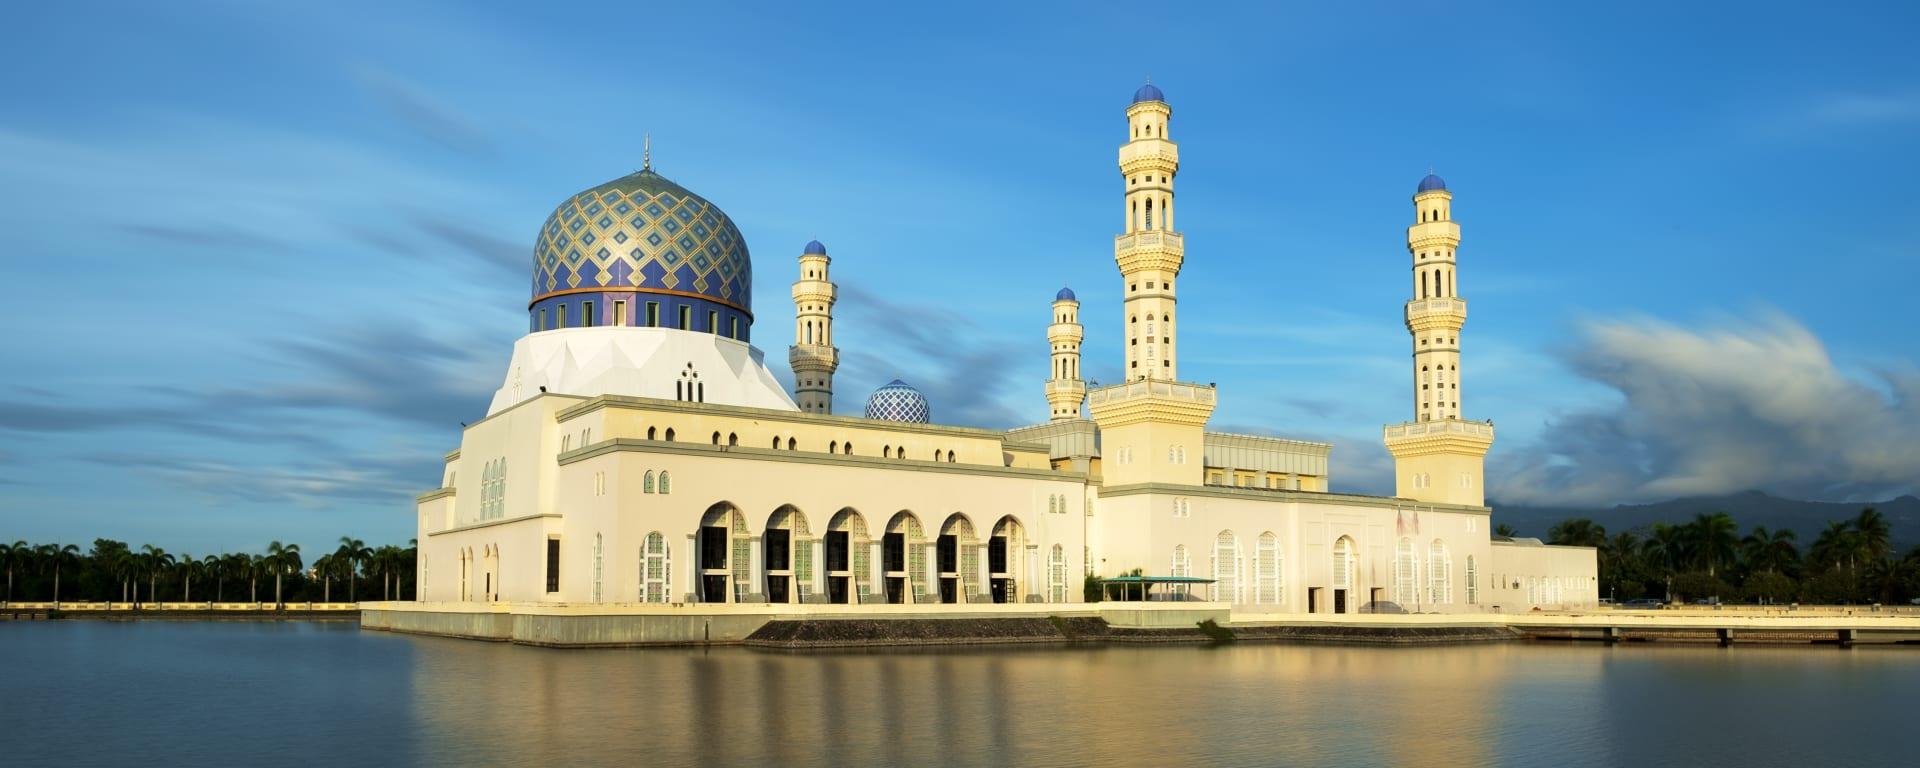 Borneo entdecken mit Tischler Reisen: Borneo Kota Kinabalu Moschee